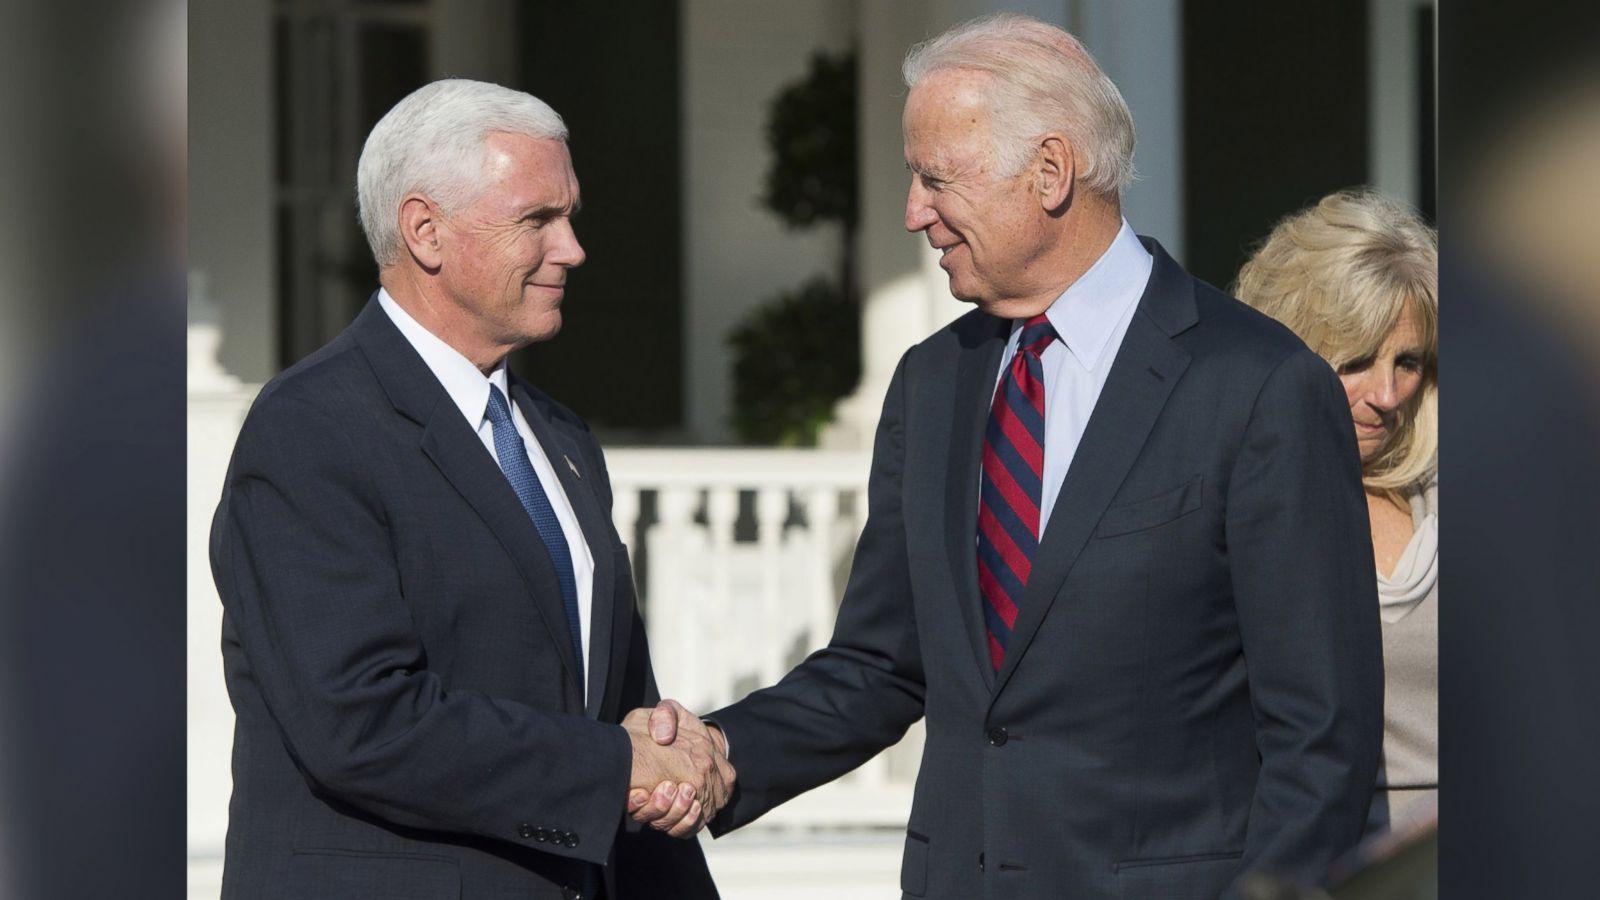 Ông Trump báo không đến dự lễ nhậm chức, ông Biden thằng thừng đáp 'thật vui mừng' - Ảnh 1.